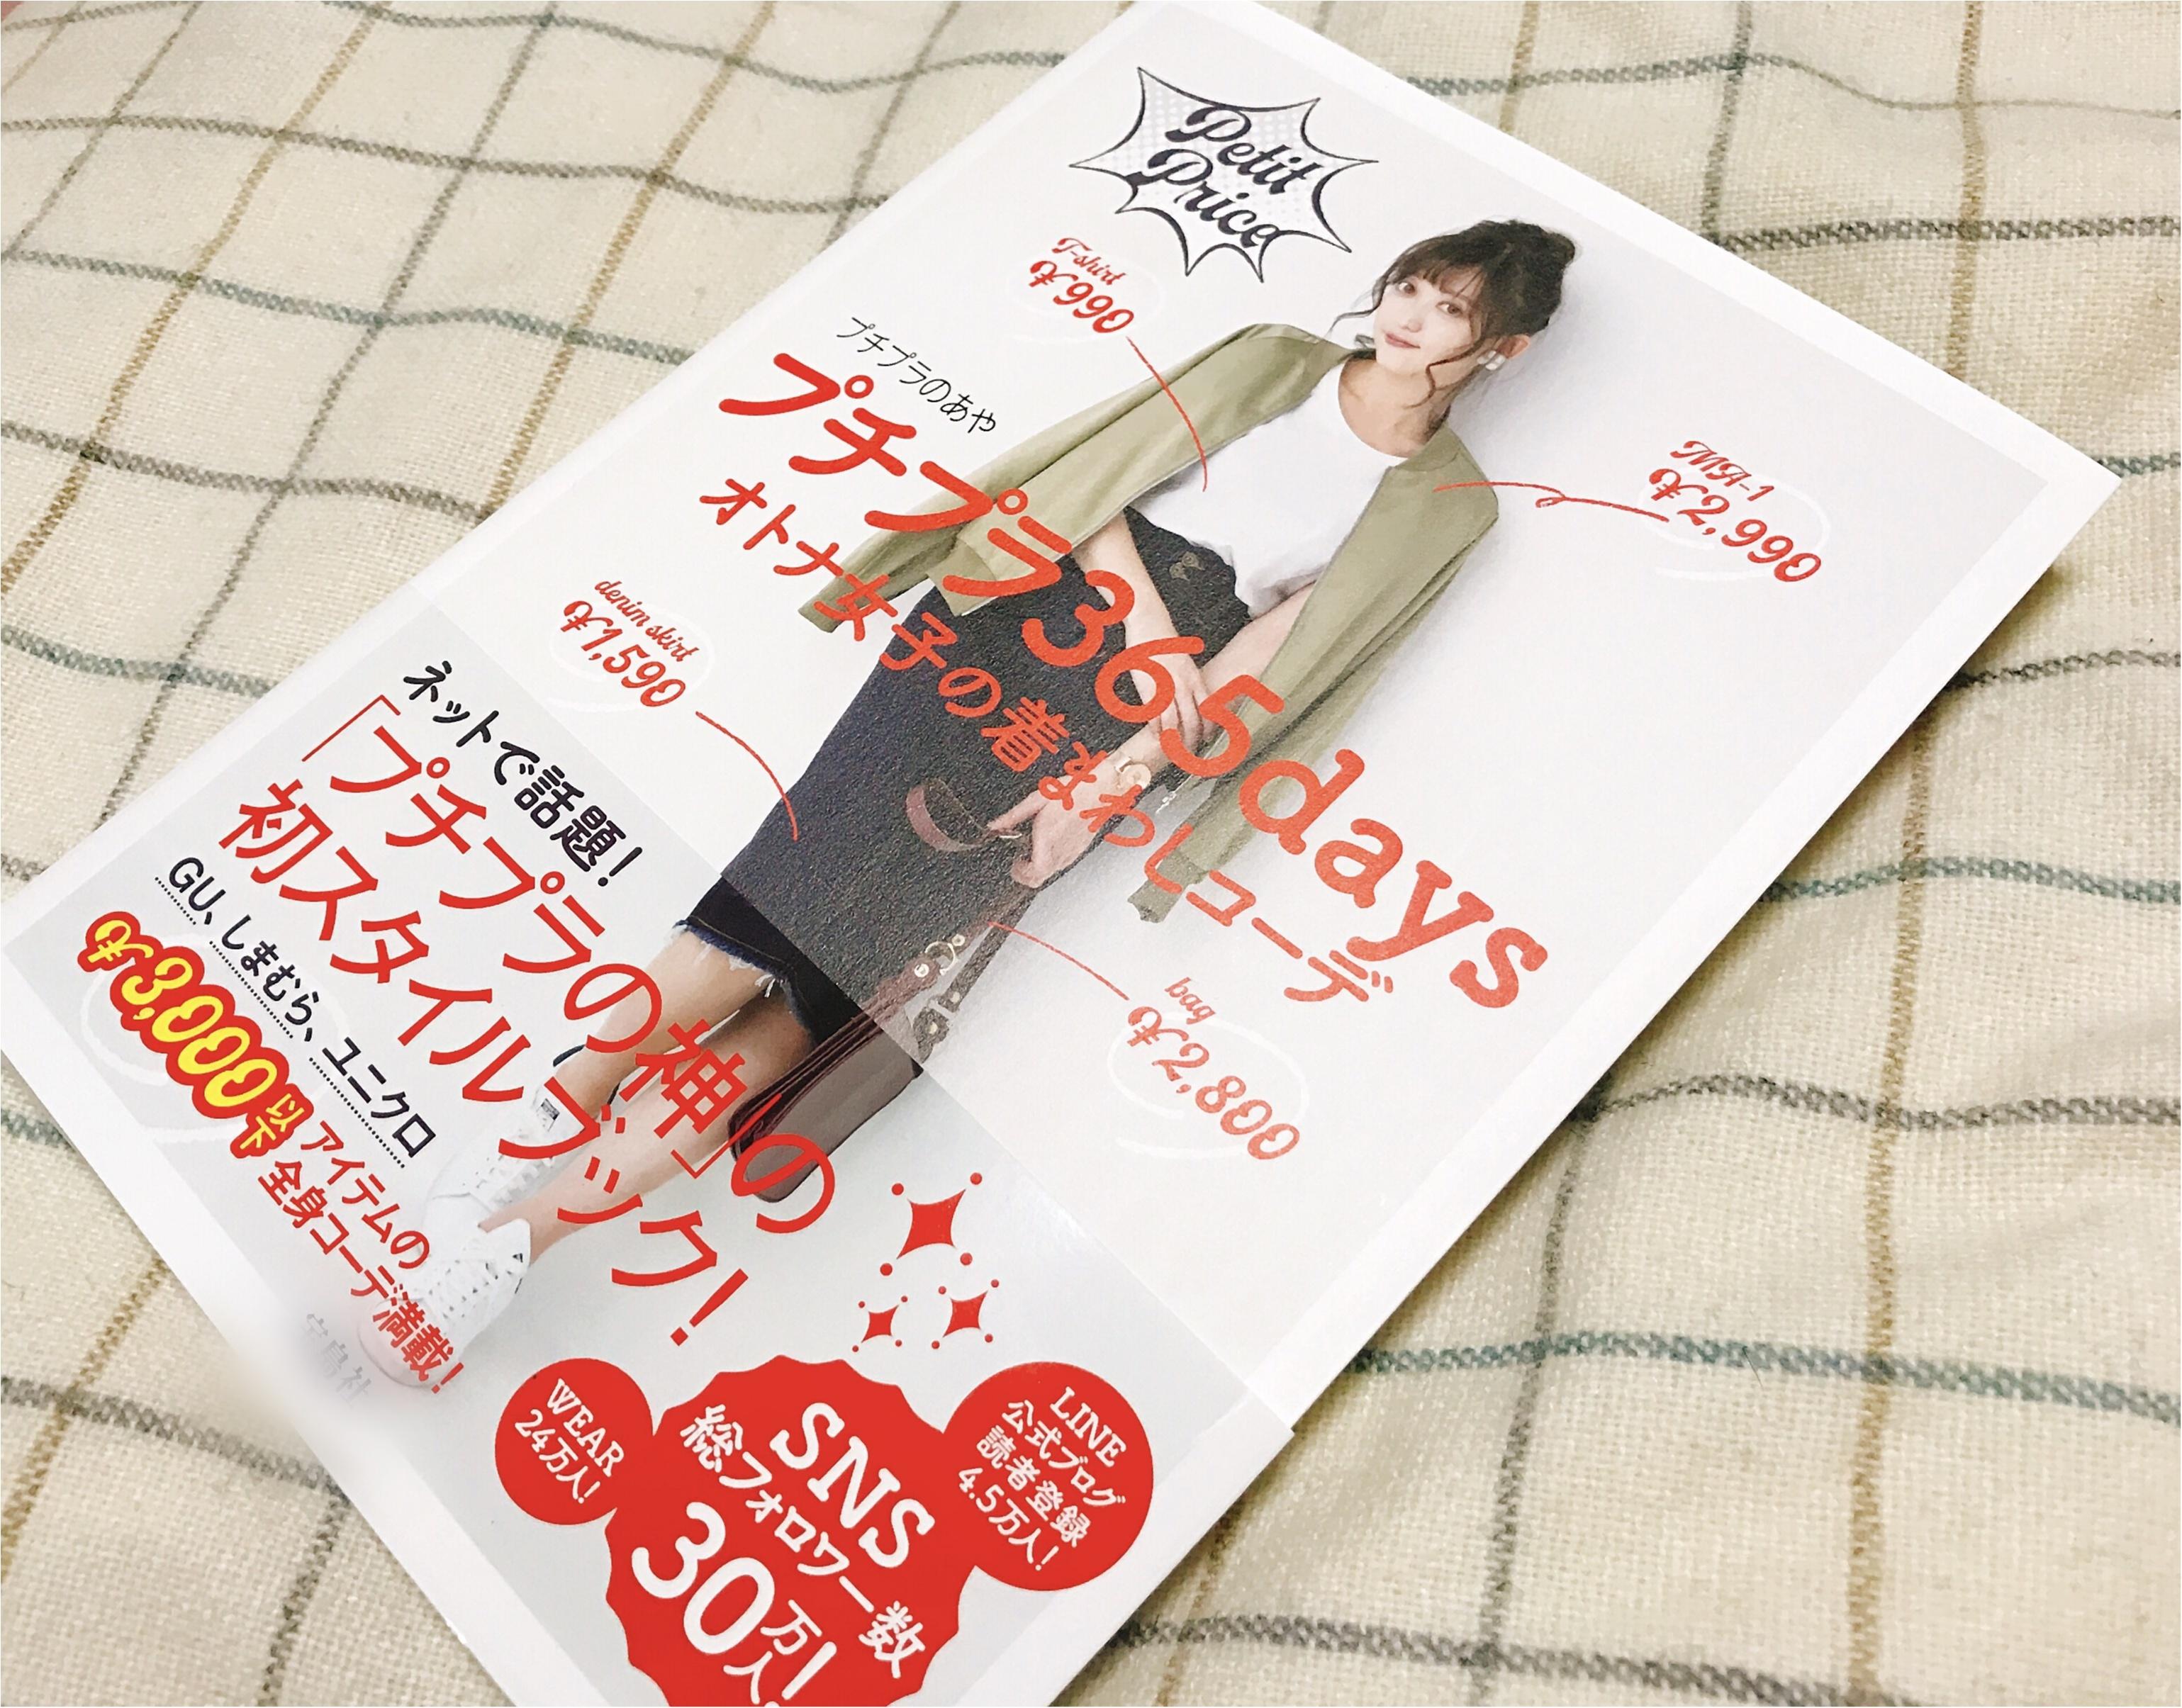 """《ネットで話題‼︎》""""プチプラの神""""が初スタイルブックを発売✨プチプラユーザー必見のオトナ女子着回しコーデが満載♡_2"""